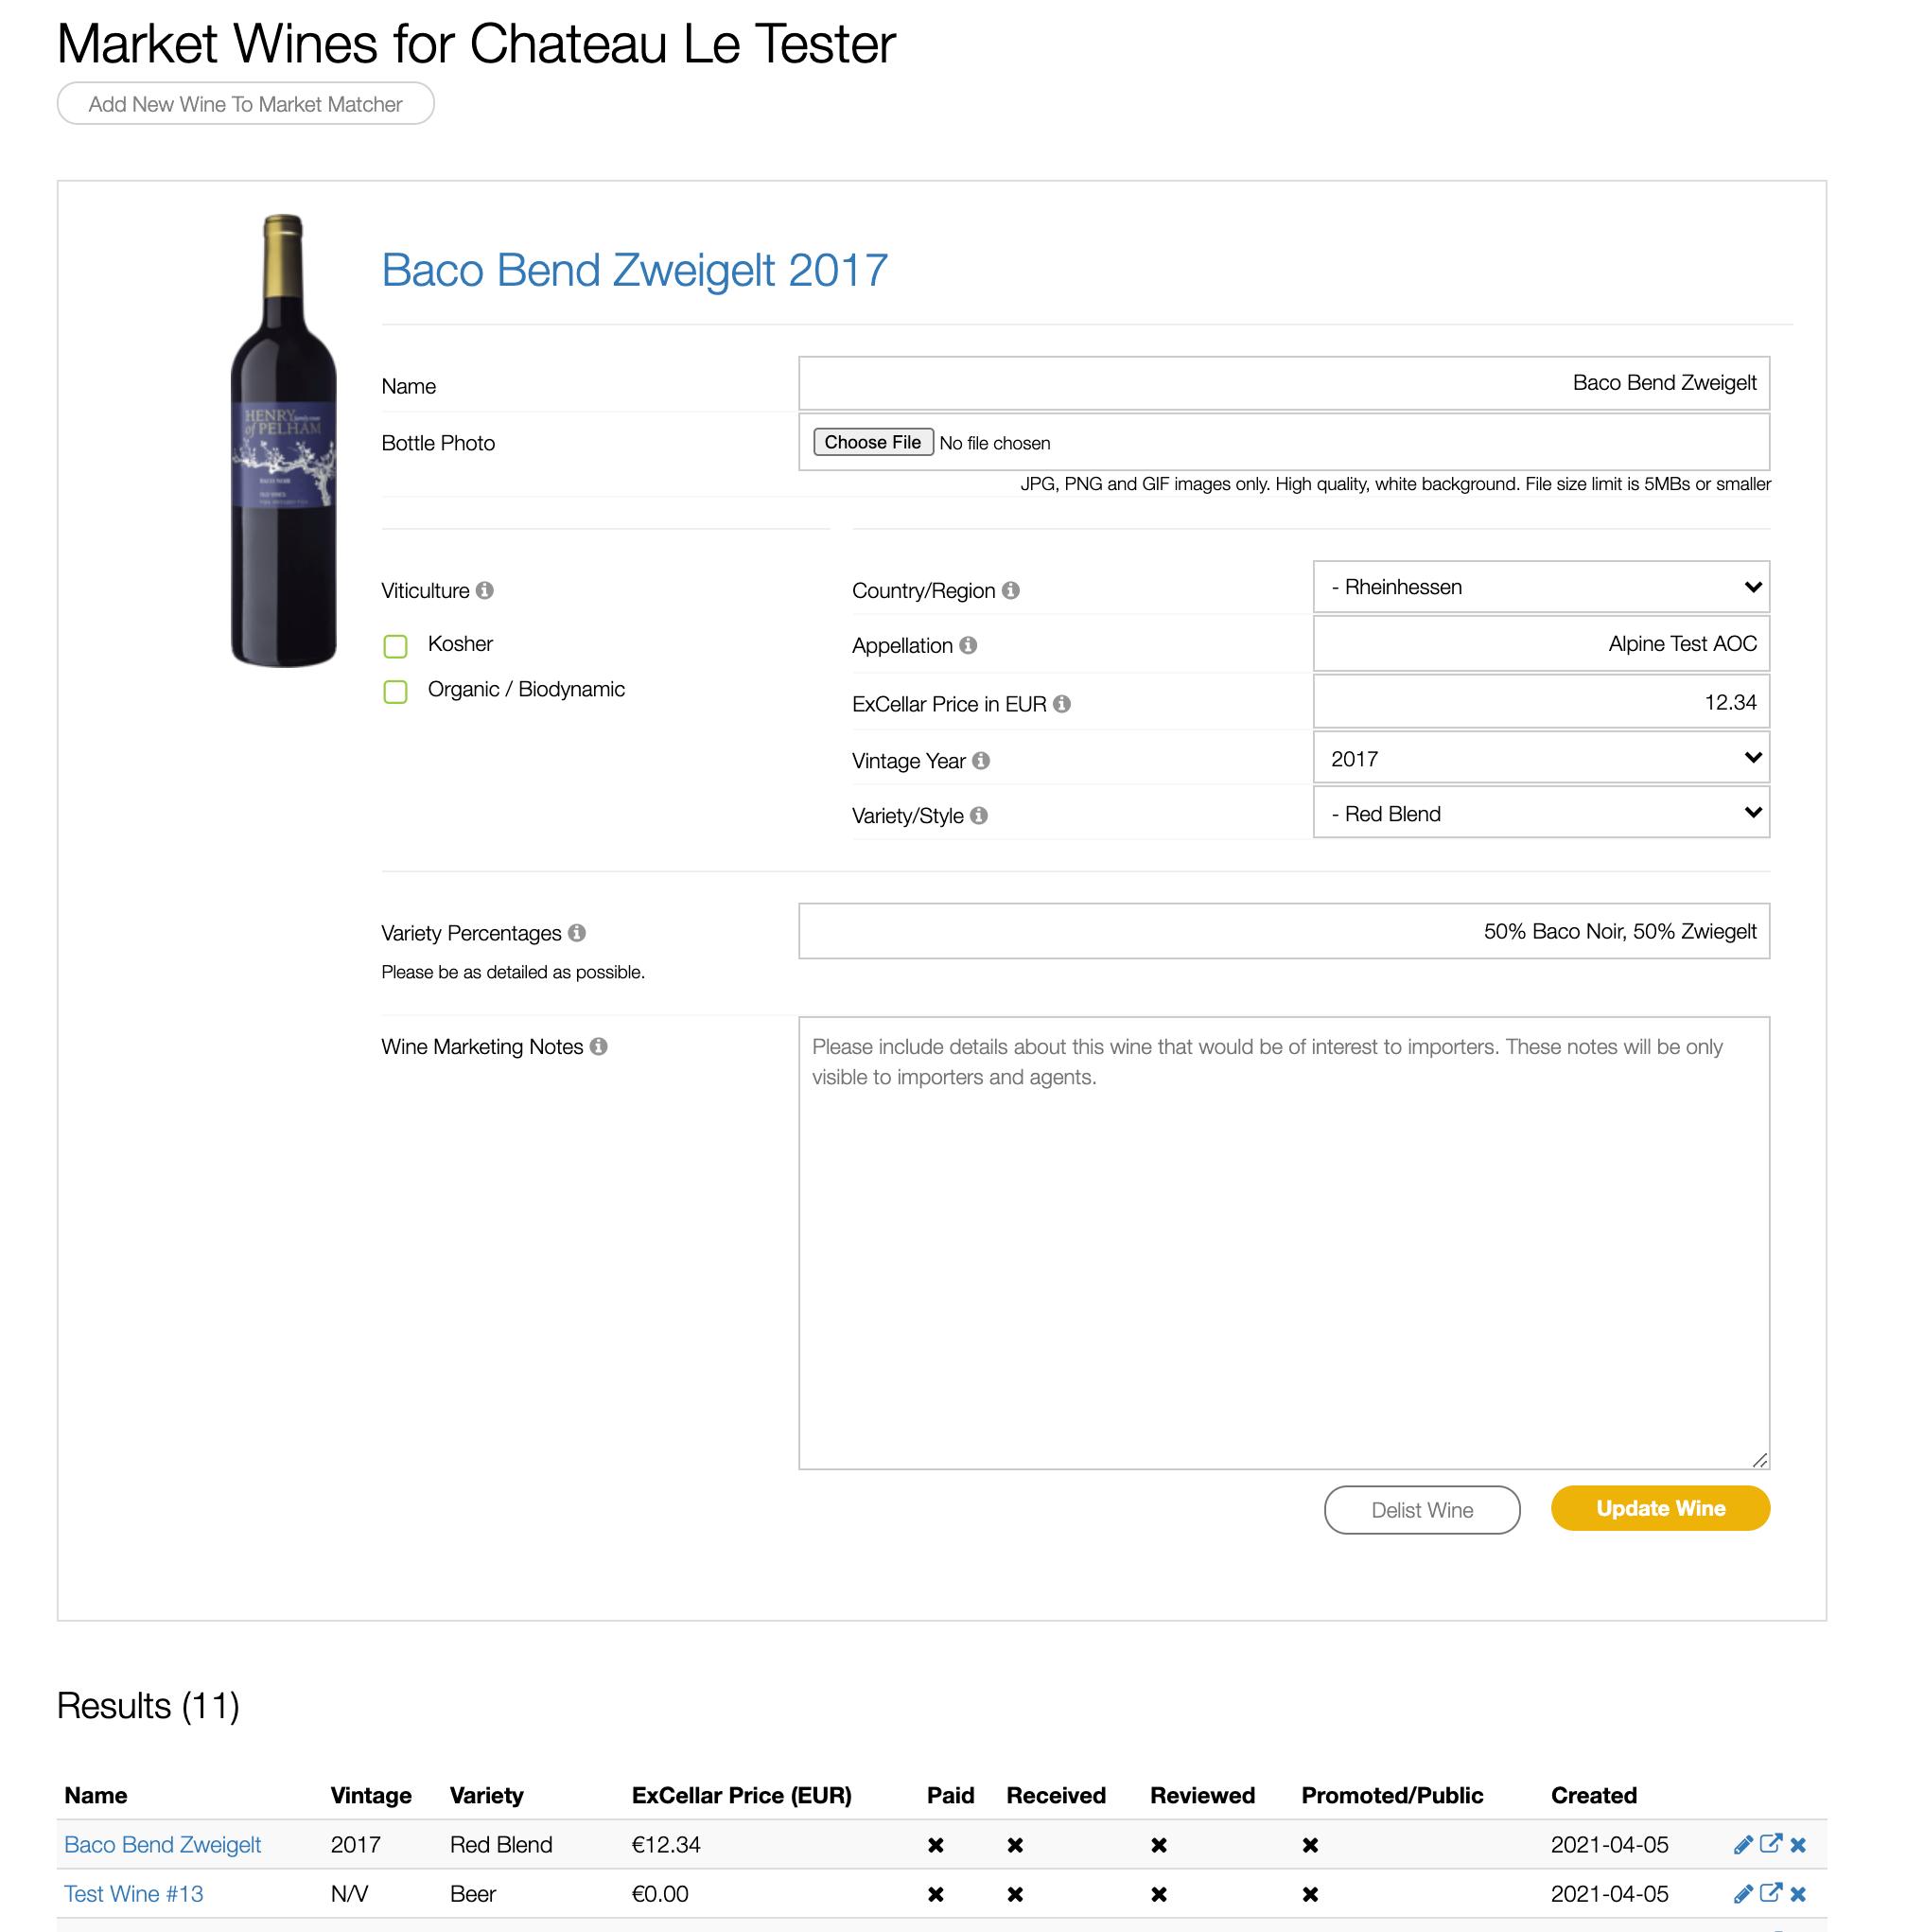 Wine Details